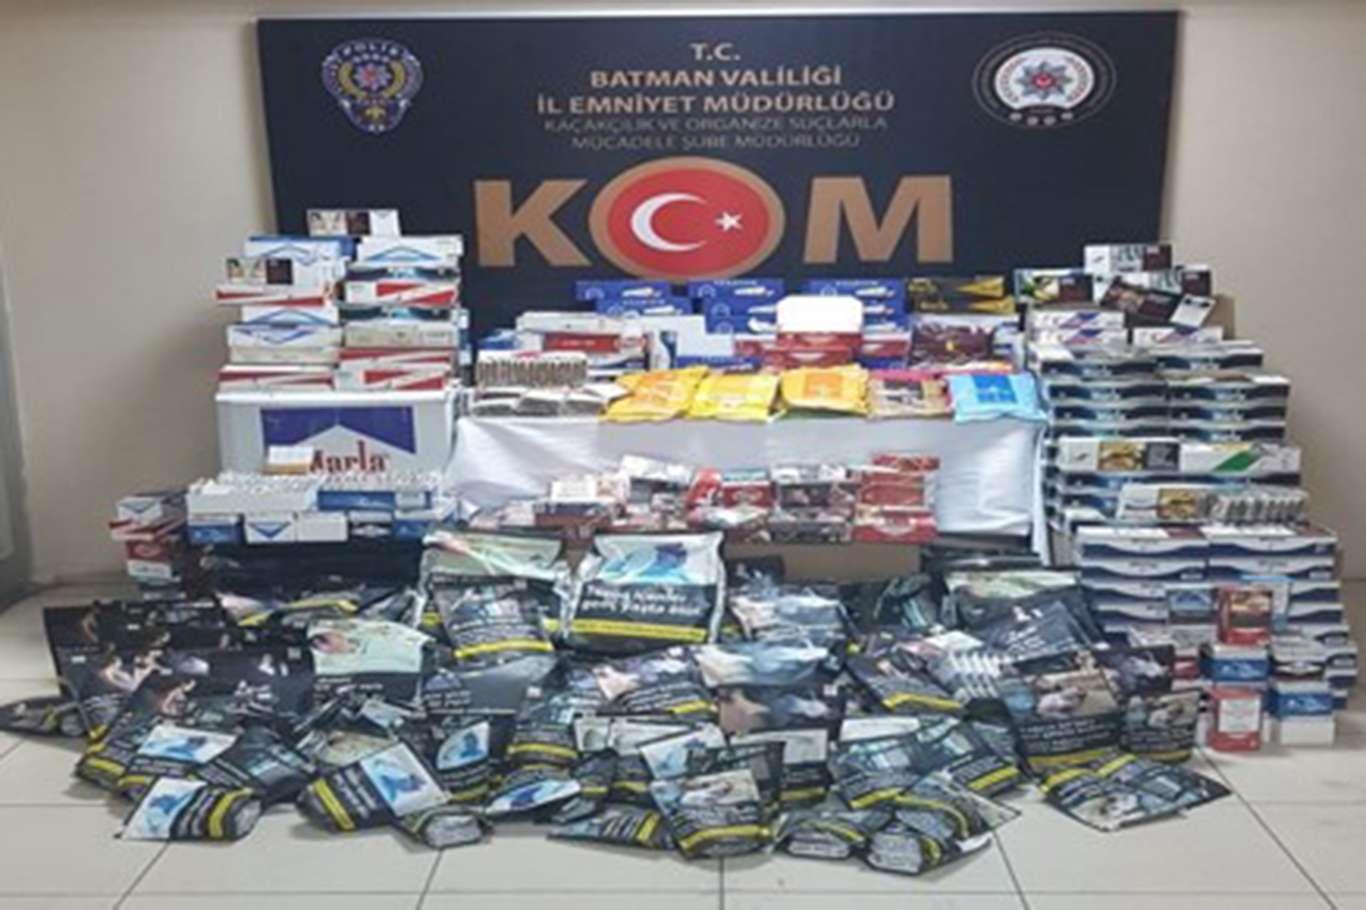 Kaçakçılık yaptıkları iddiasıyla 64 şüpheli gözaltına alındı